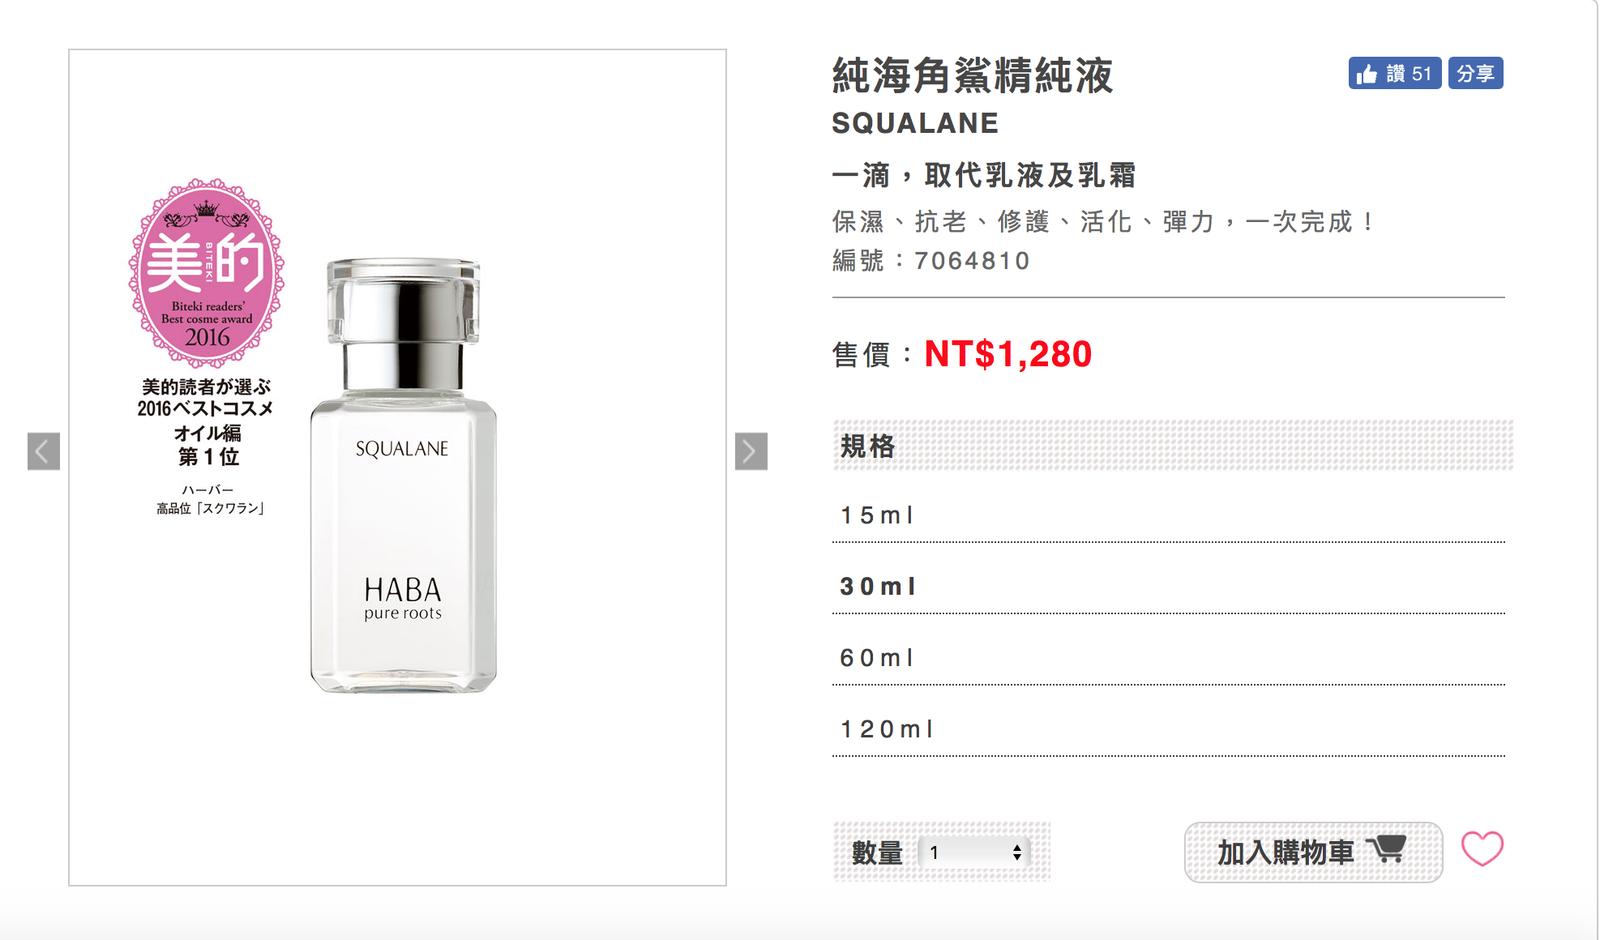 產品成分標示寫的是角鯊烷(Squalane) 出處: 台灣 HABA 官網